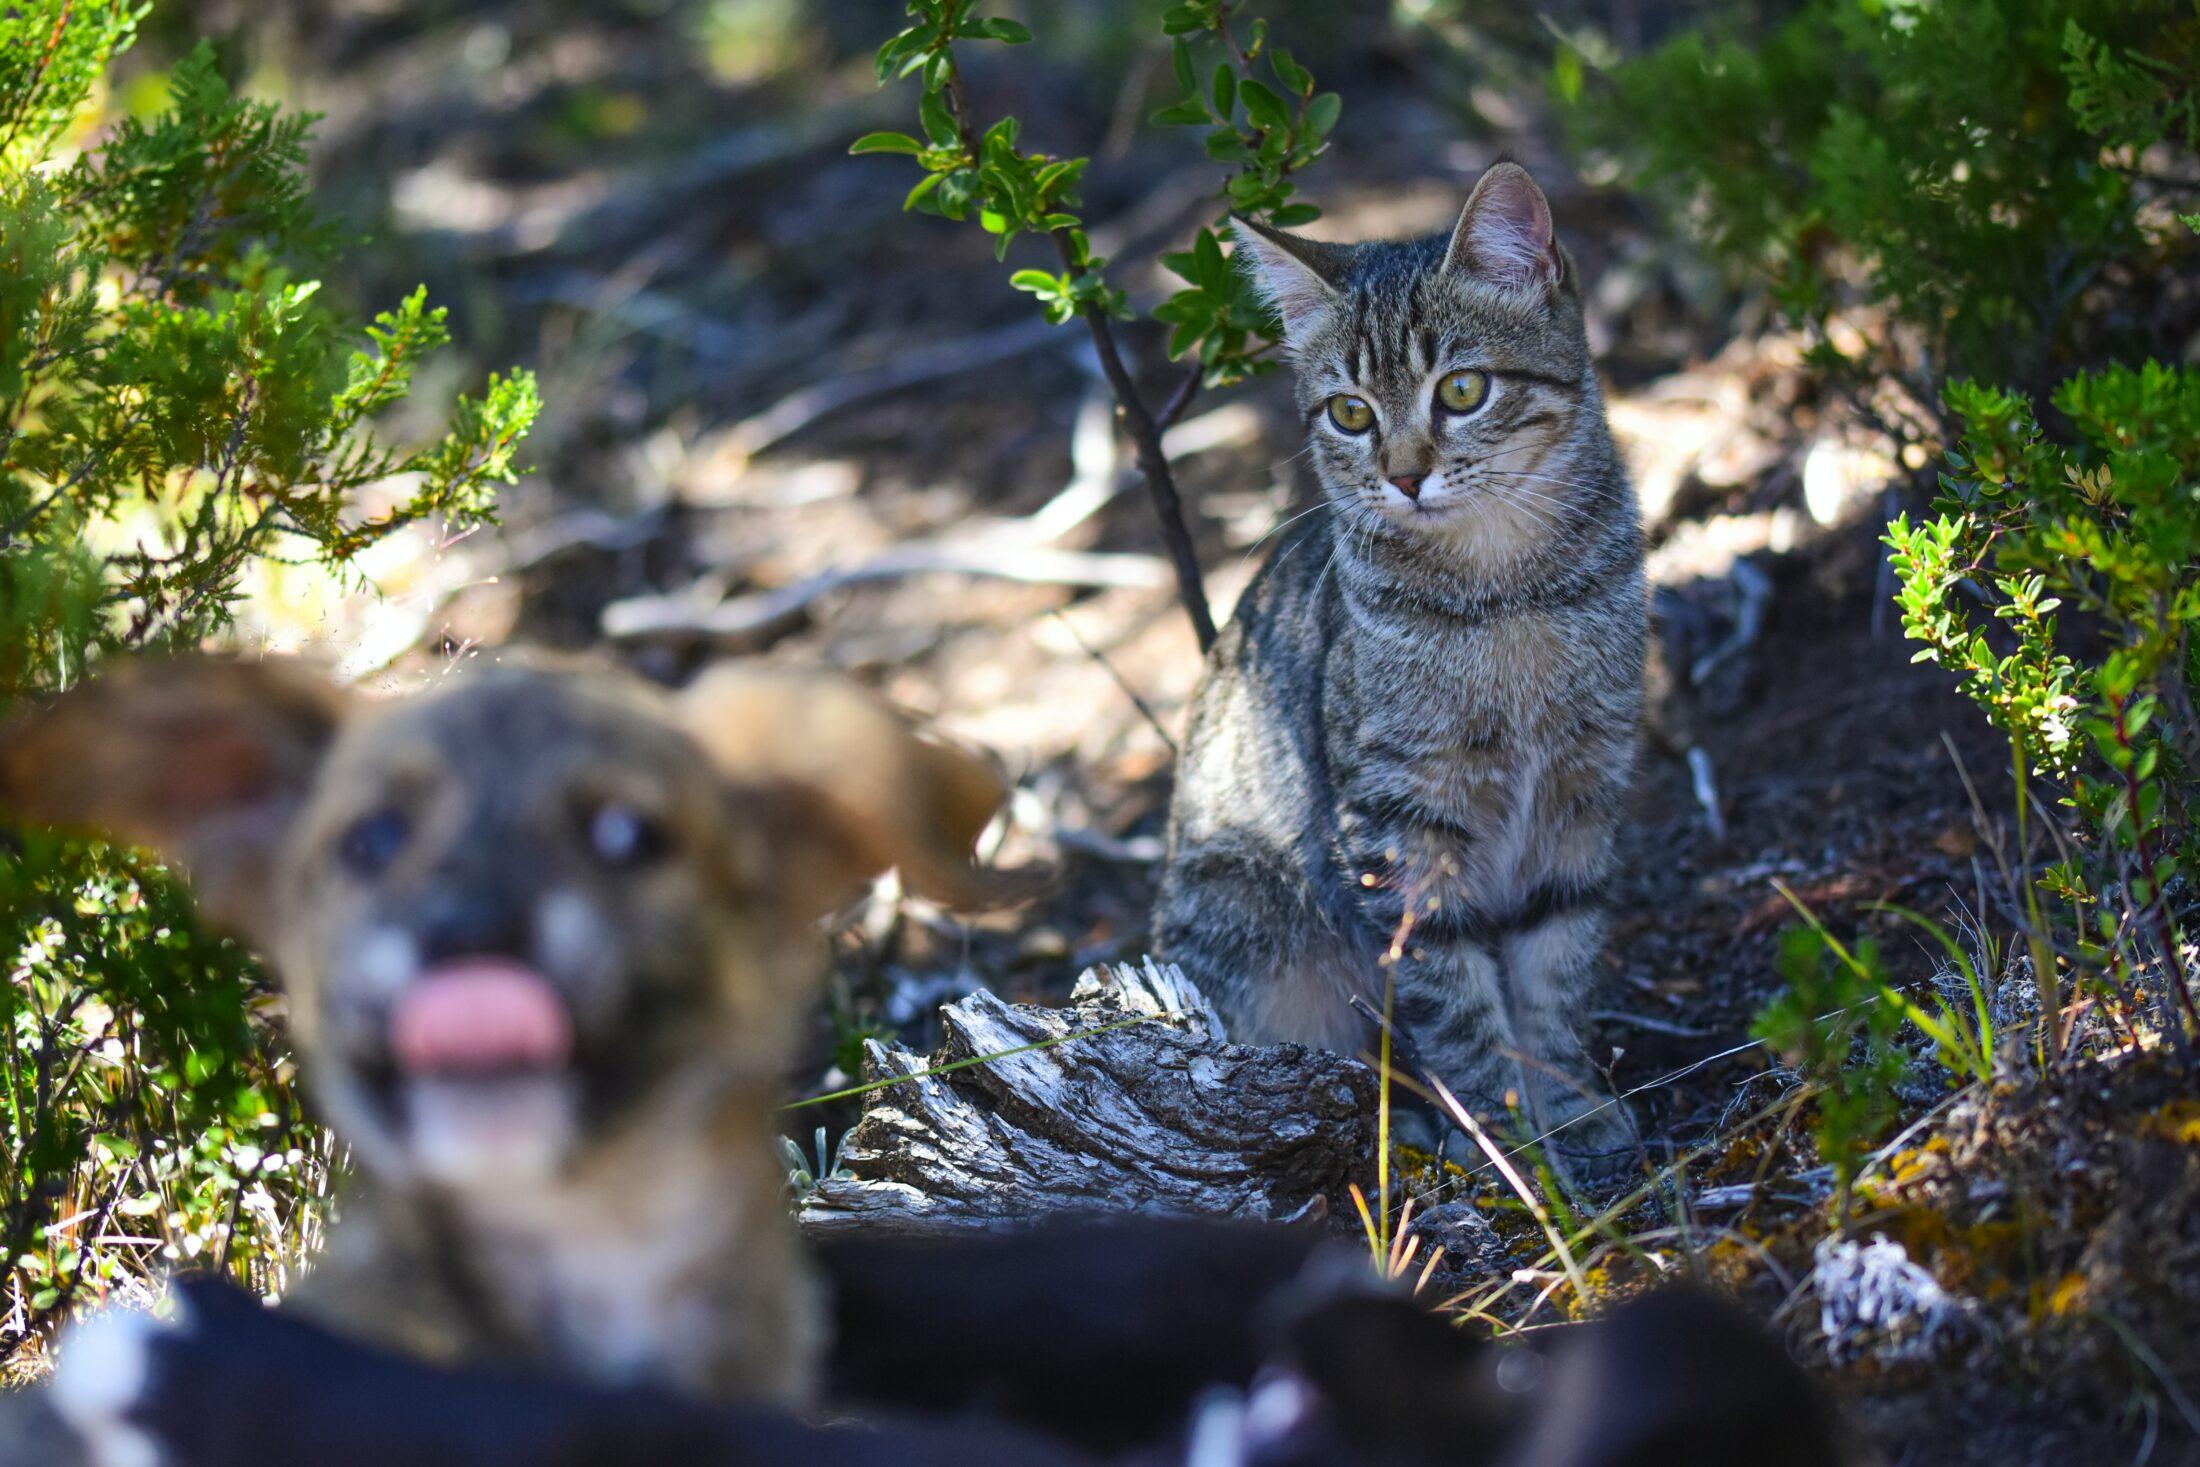 Cao e Gato do lado de fora da casa